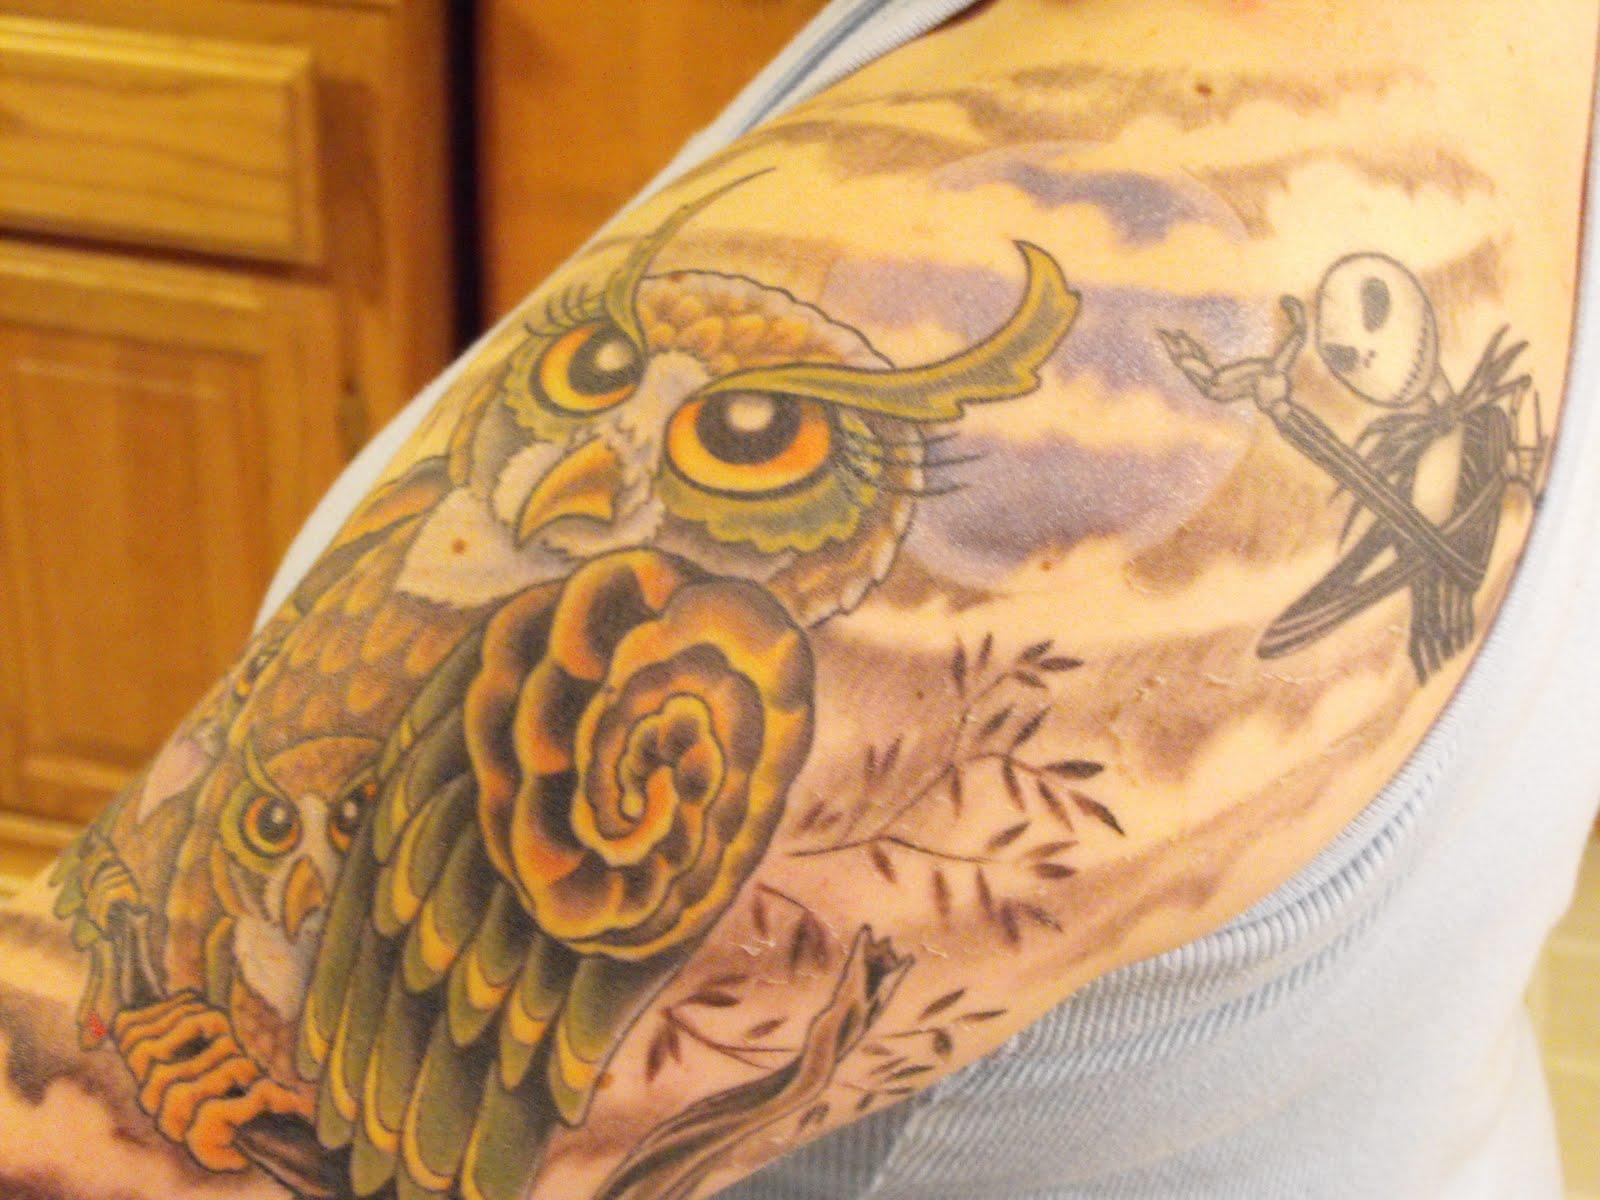 http://4.bp.blogspot.com/-fkTHyssyXGk/TXA12tXzqQI/AAAAAAAAAdI/JeWTmyChwUc/s1600/Tattoo%252BPics%252B005.jpg